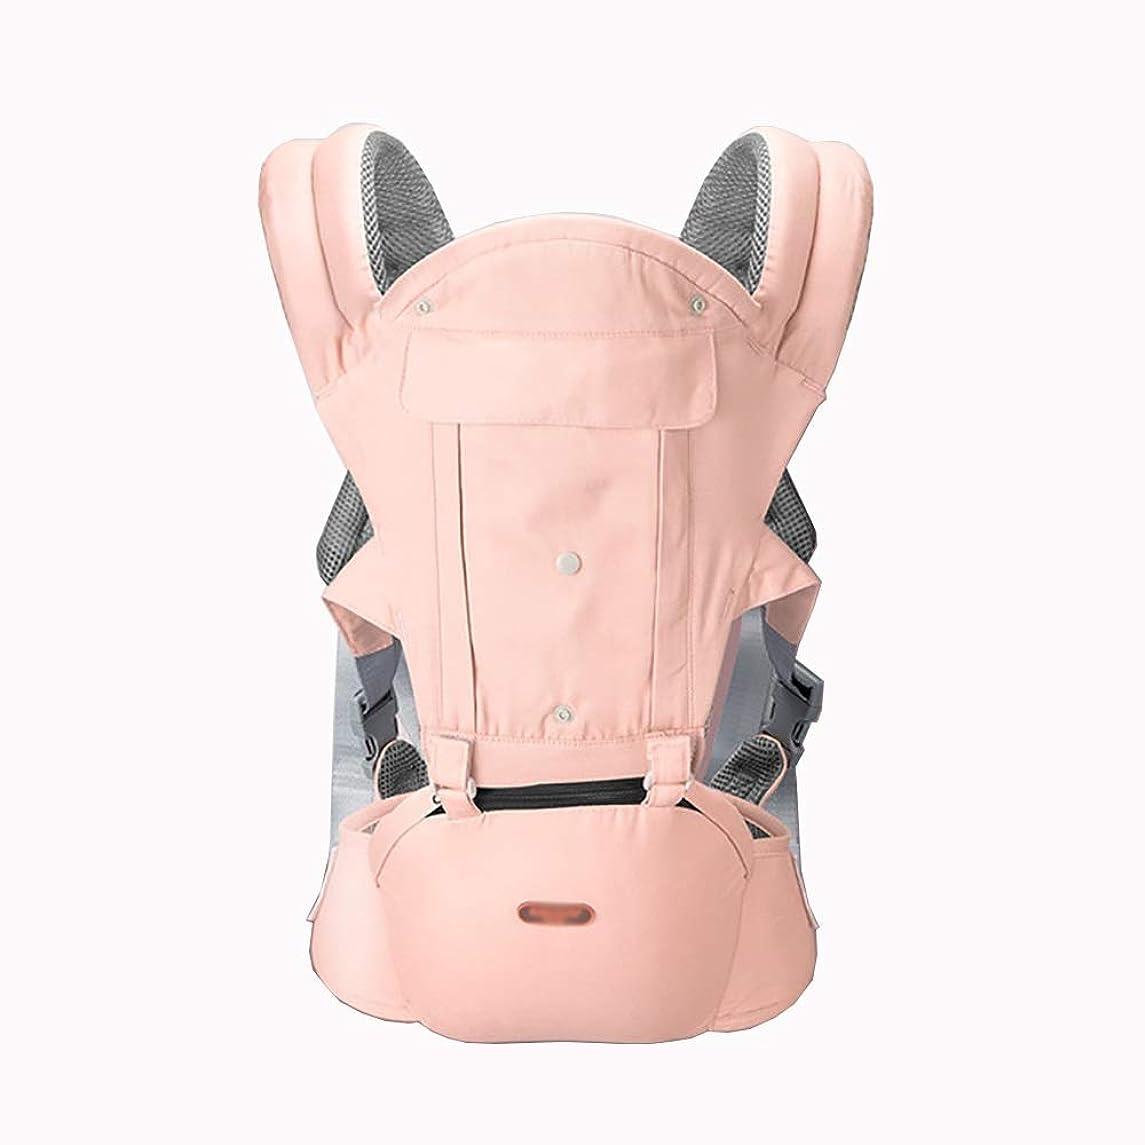 独立チート下品ベビー屋外ストラップ - 幼児や幼児のためのヒップシートとベビーハイキングバックパック - スマート人間工学ベビー&チャイルドキャリア (Color : Pink)